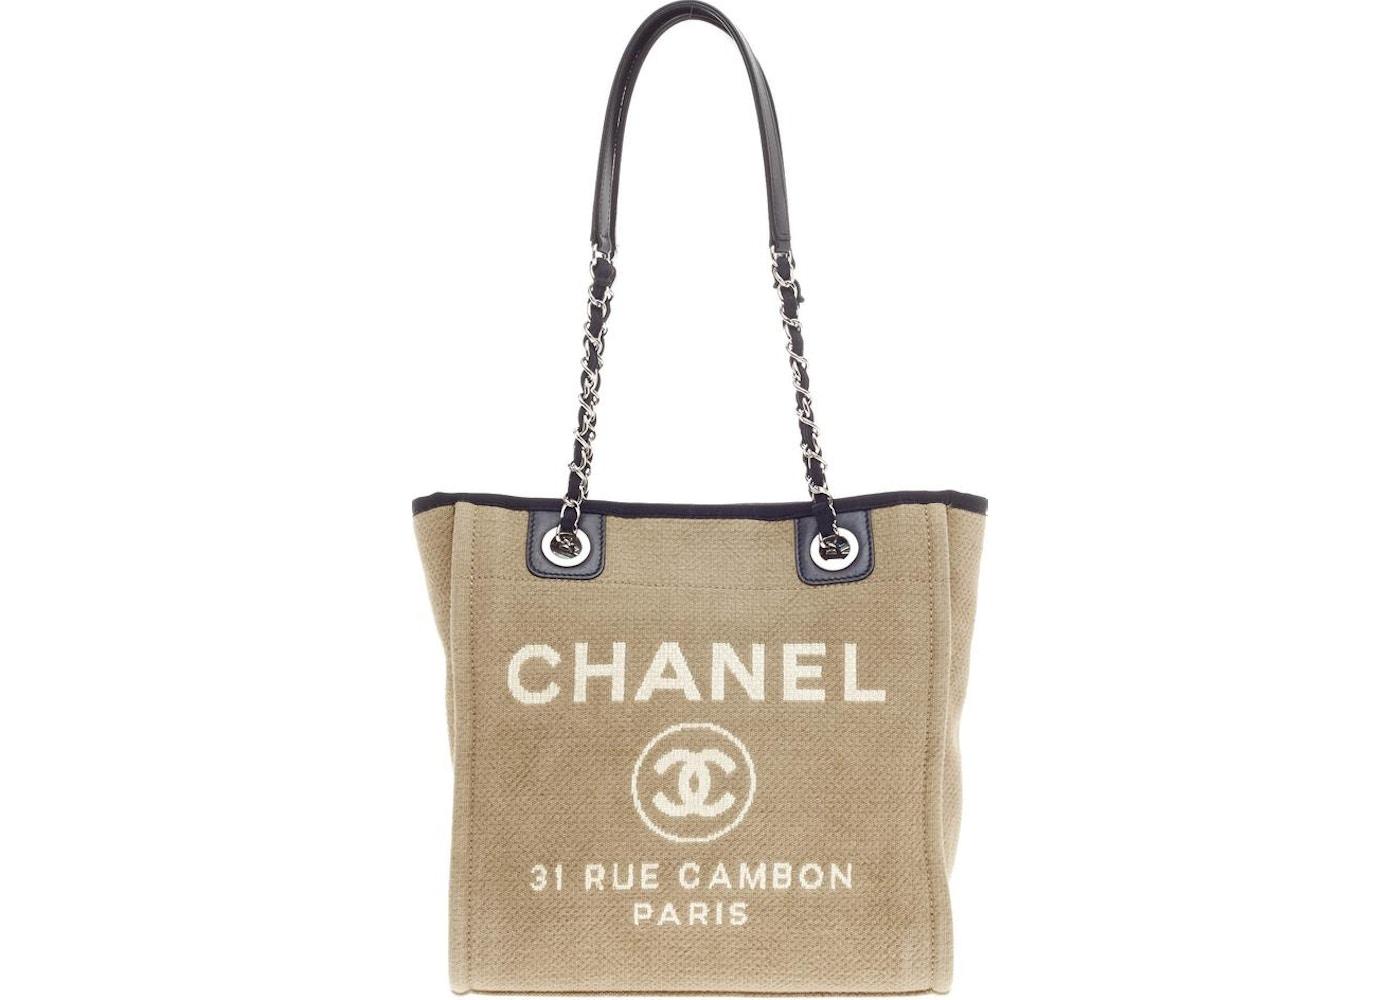 deb3da9912cb Chanel Deauville Chain Tote Small Sandy/Black. Small Sandy/Black